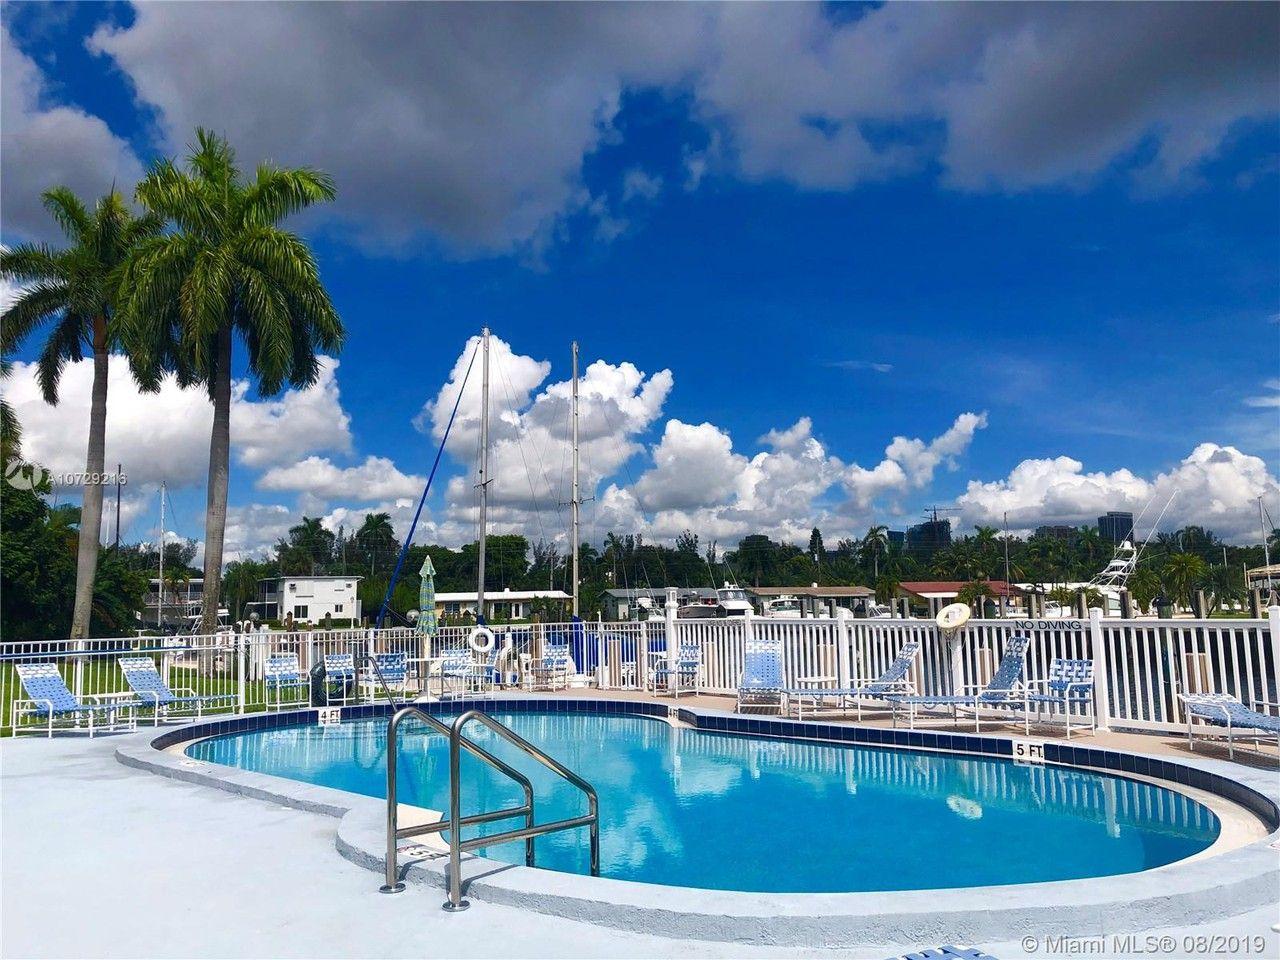 1475 Se 15th St Fort Lauderdale Fl 33316 2 Bedroom